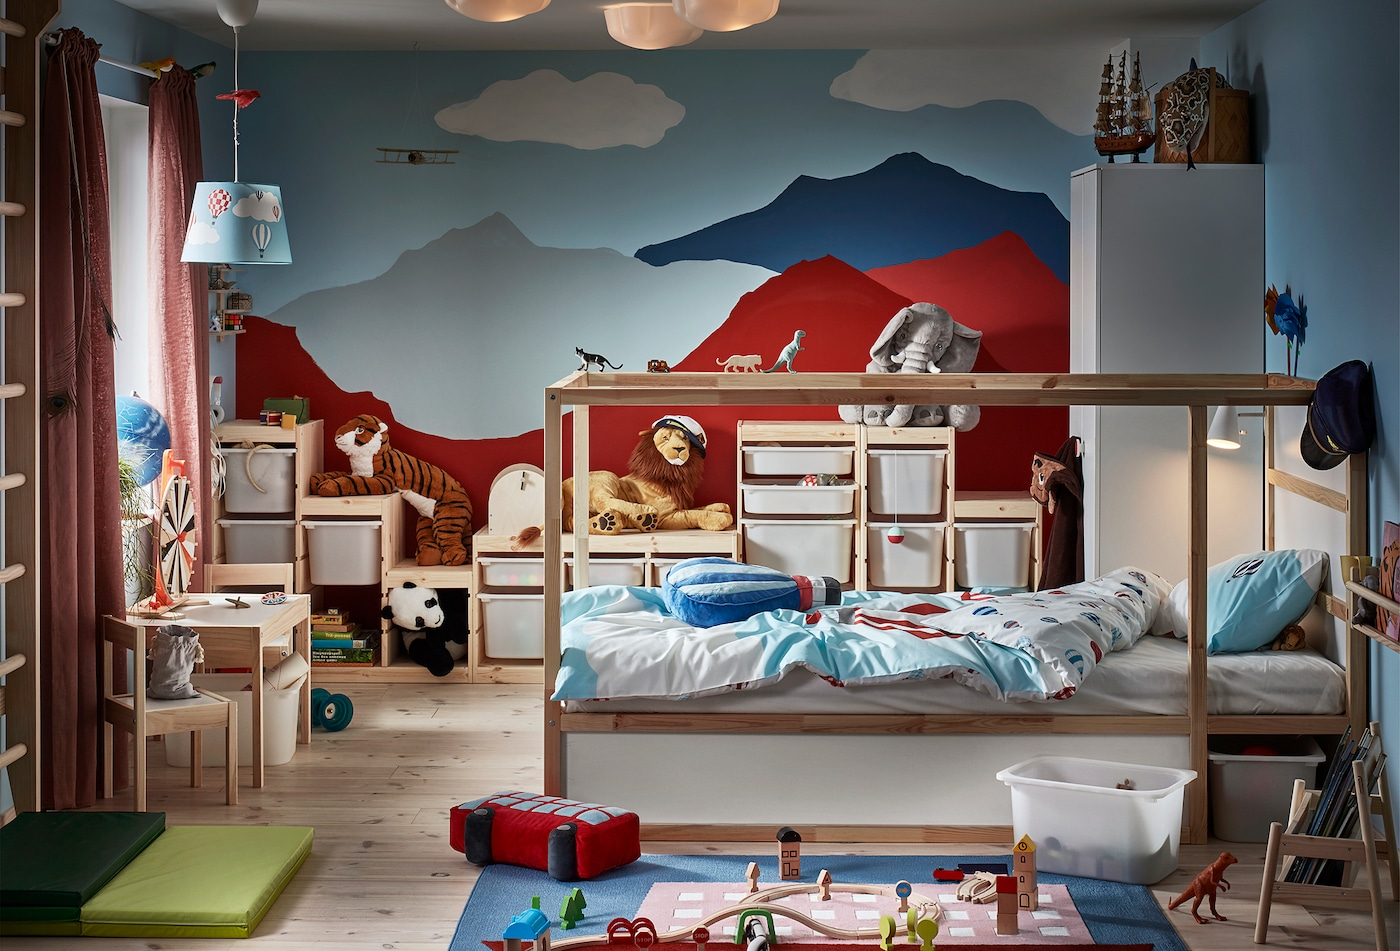 Gyerekszoba, falra festett hegyekkel. Megfordítható ágy, bordásfal, játékok és tárolók.